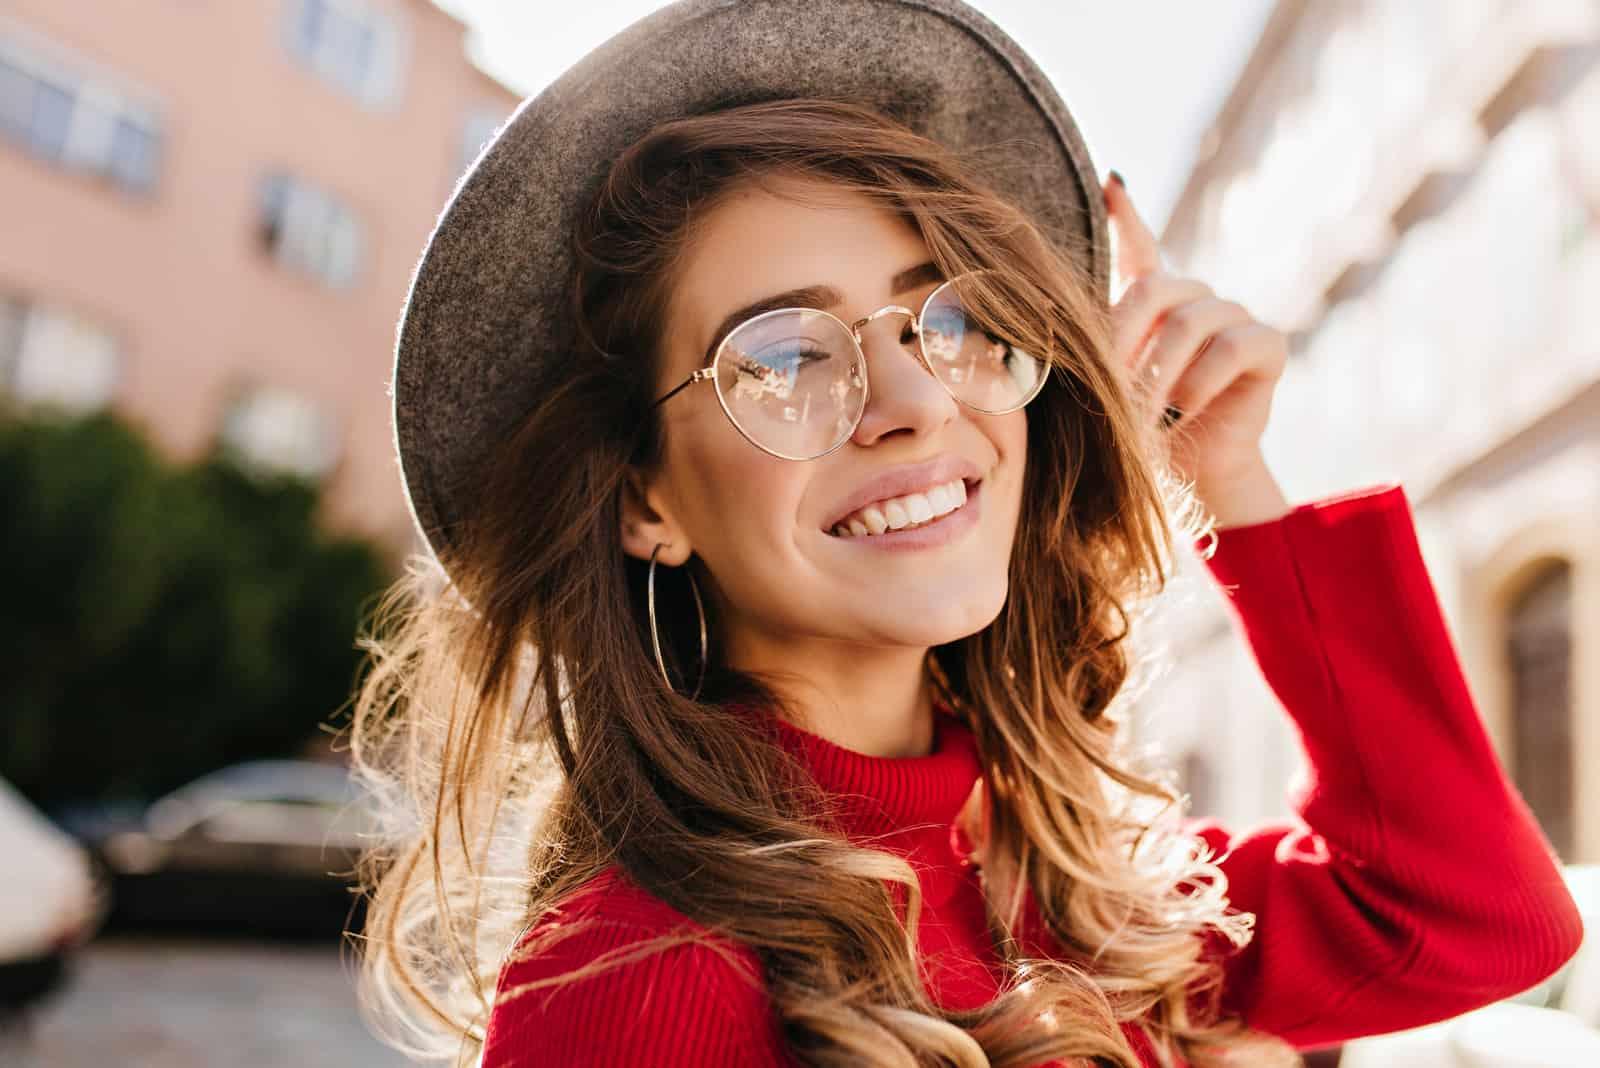 une femme avec un chapeau et des lunettes sur la tête rit